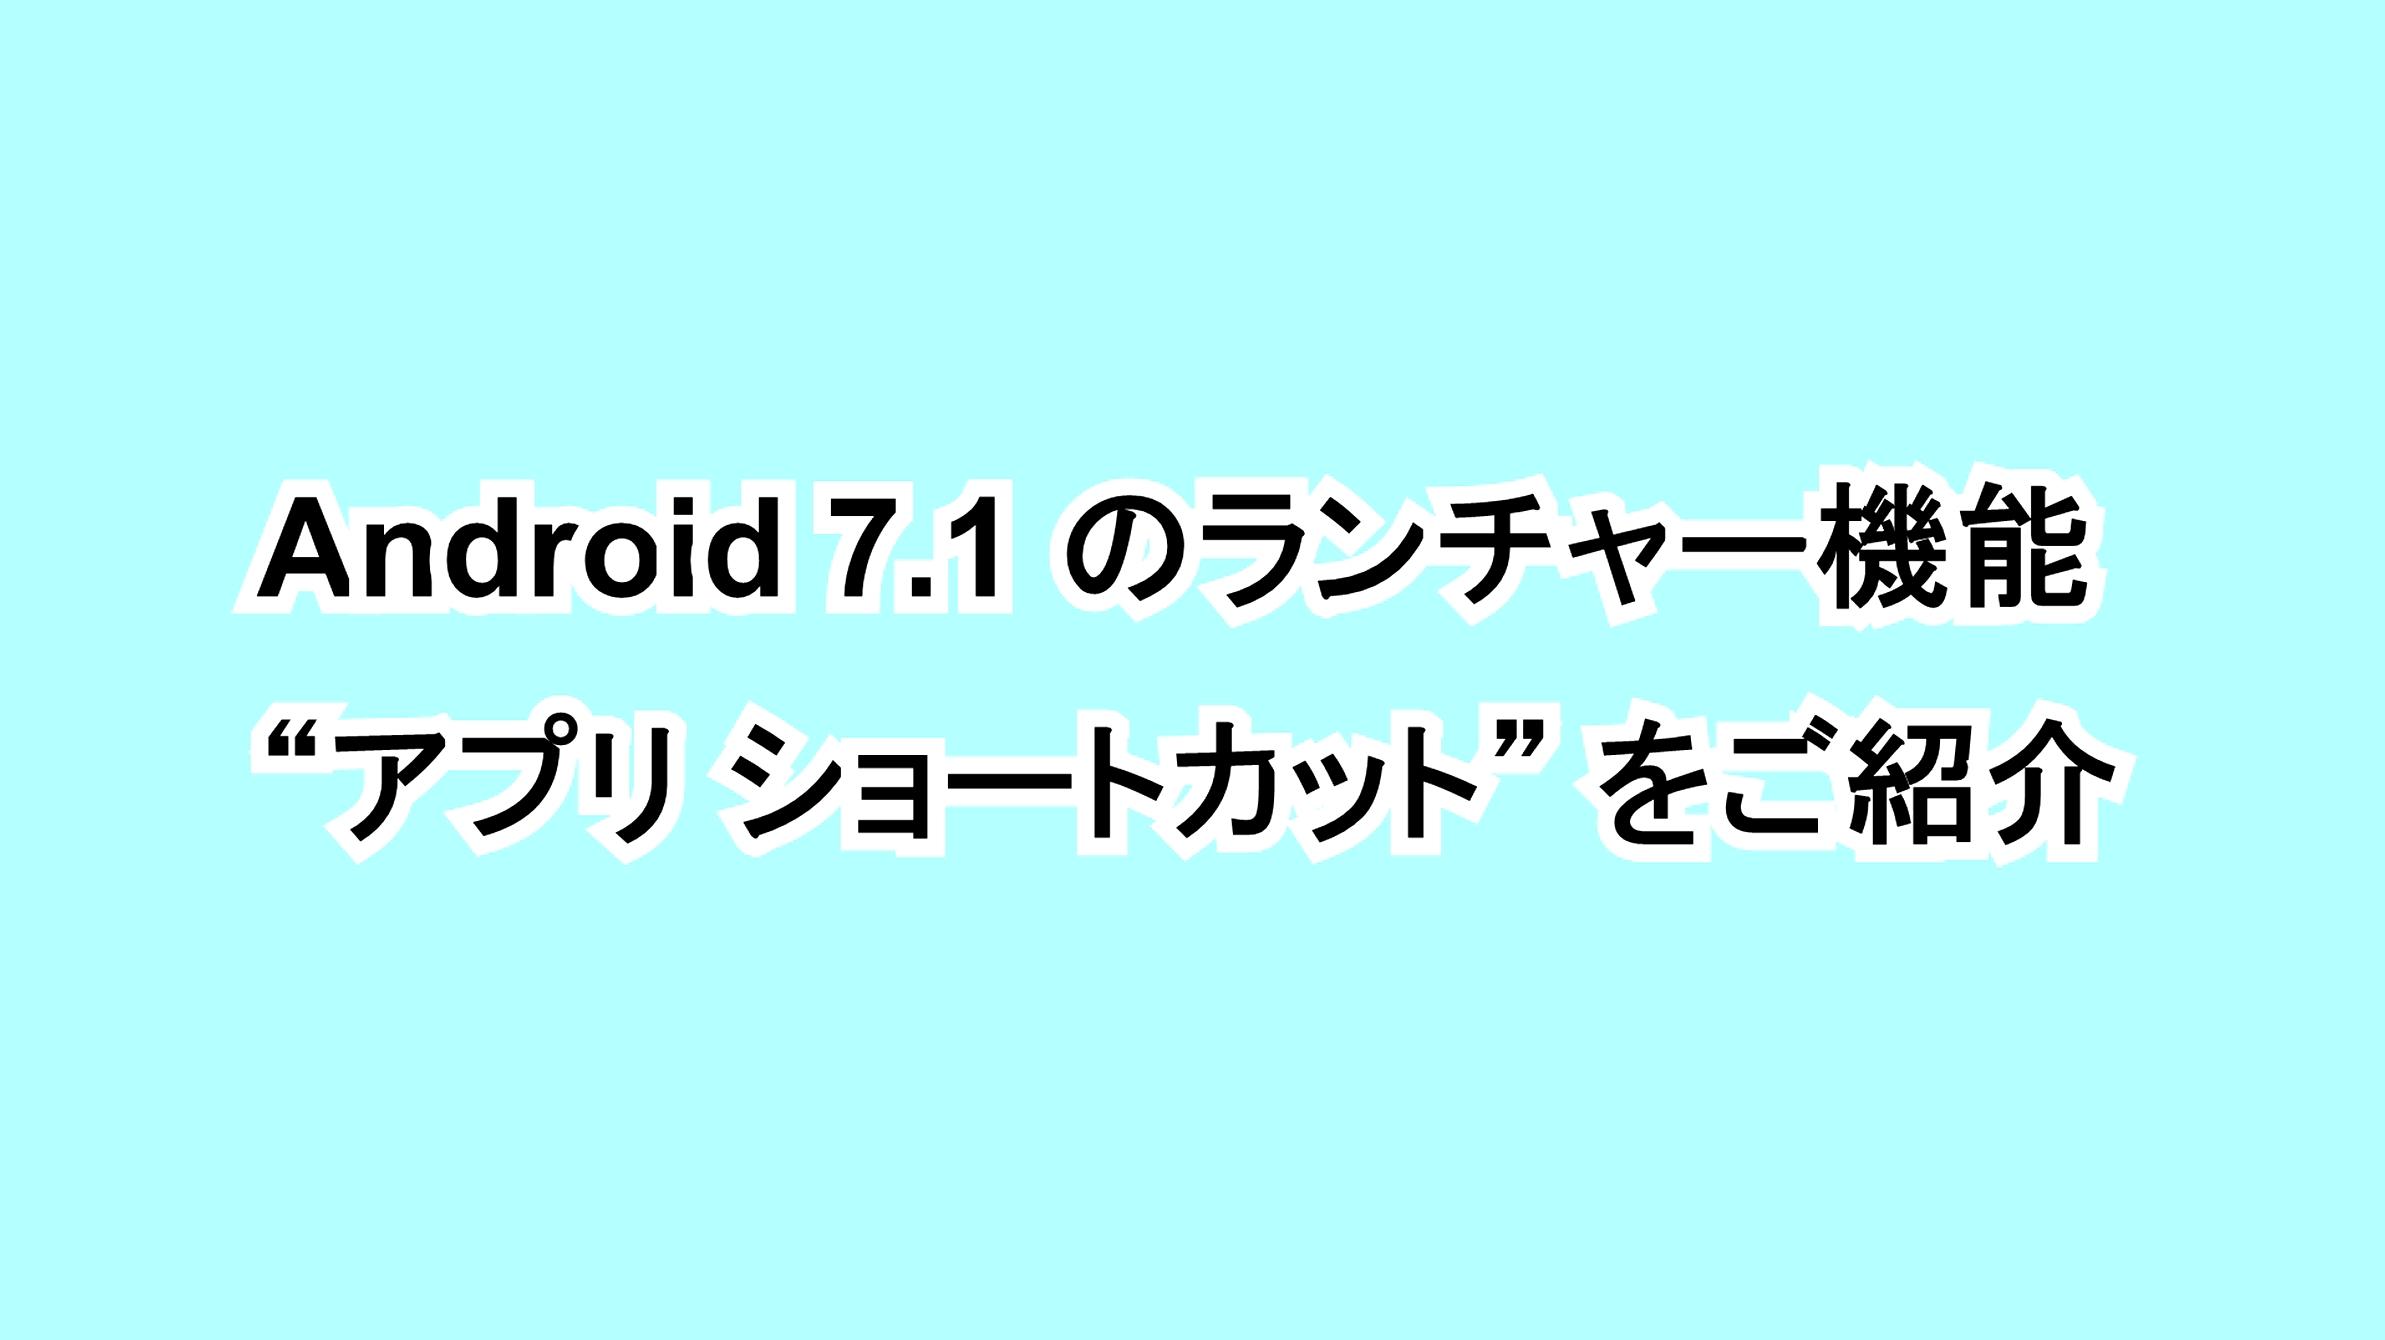 """Android 7.1のランチャー機能""""アプリ ショートカット""""をご紹介"""